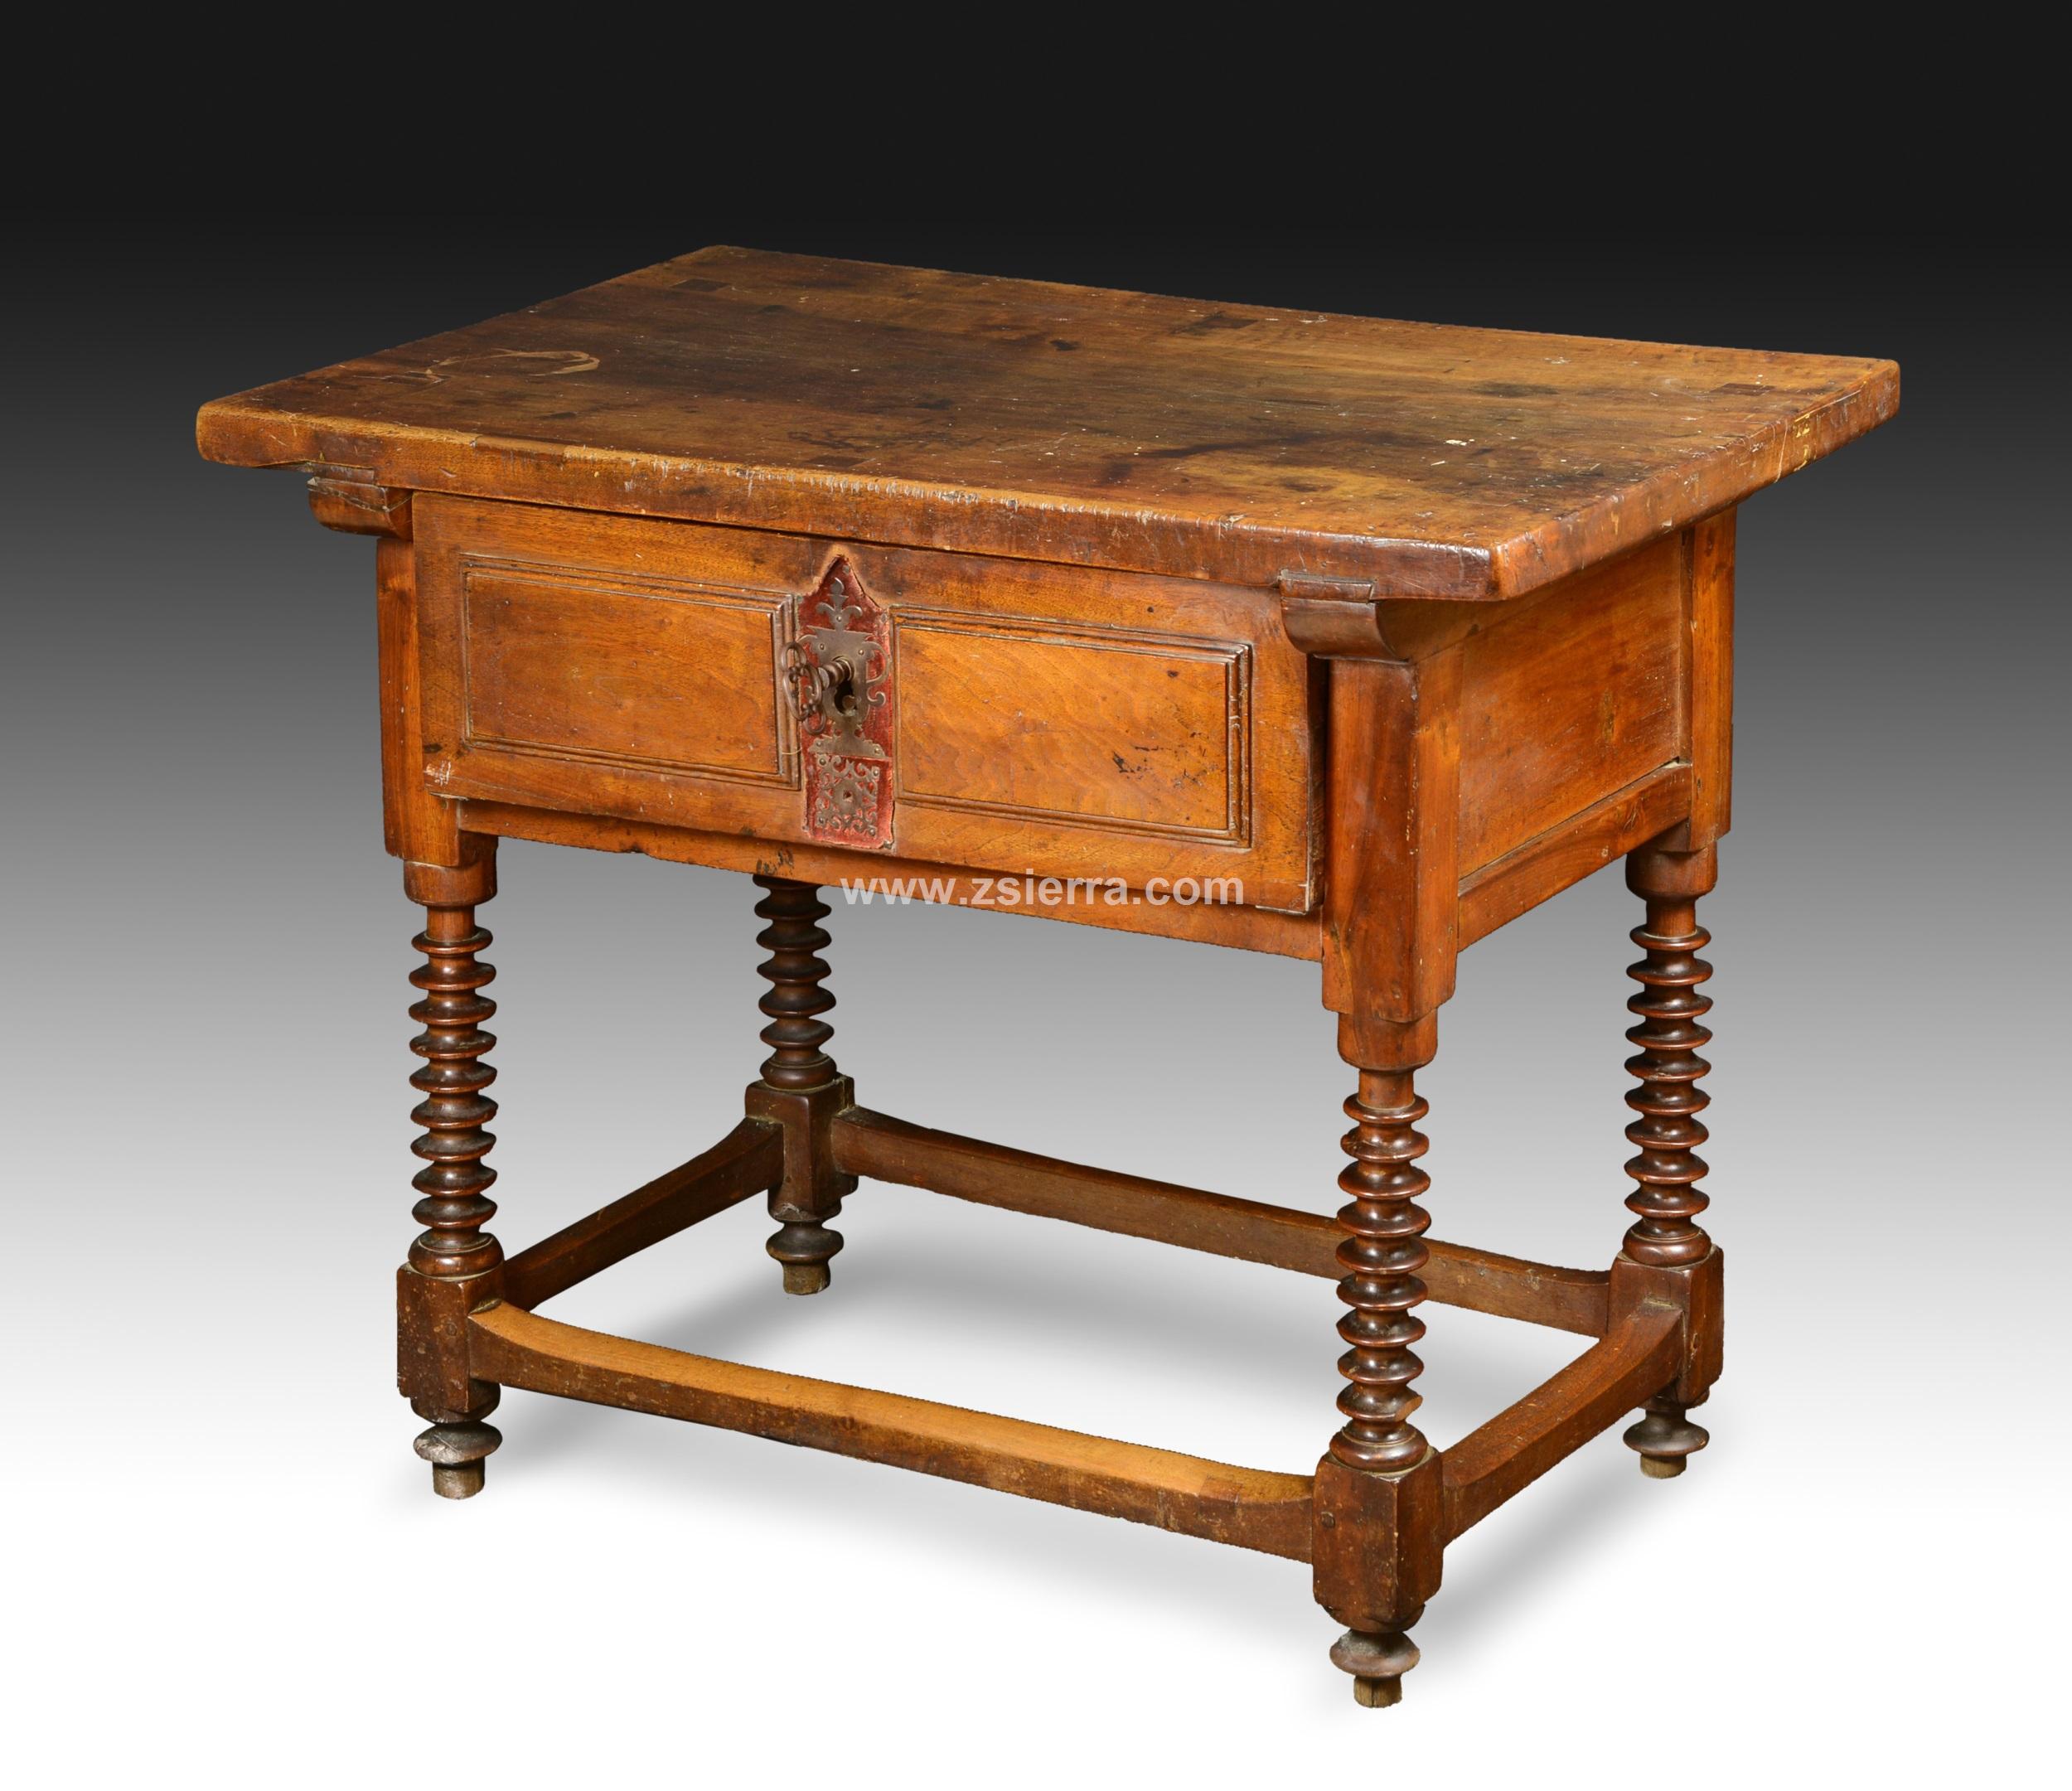 Z Sierra Antig Edades Y Objetos De Decoraci N Mesa De Nogal  # Muebles Renacentistas